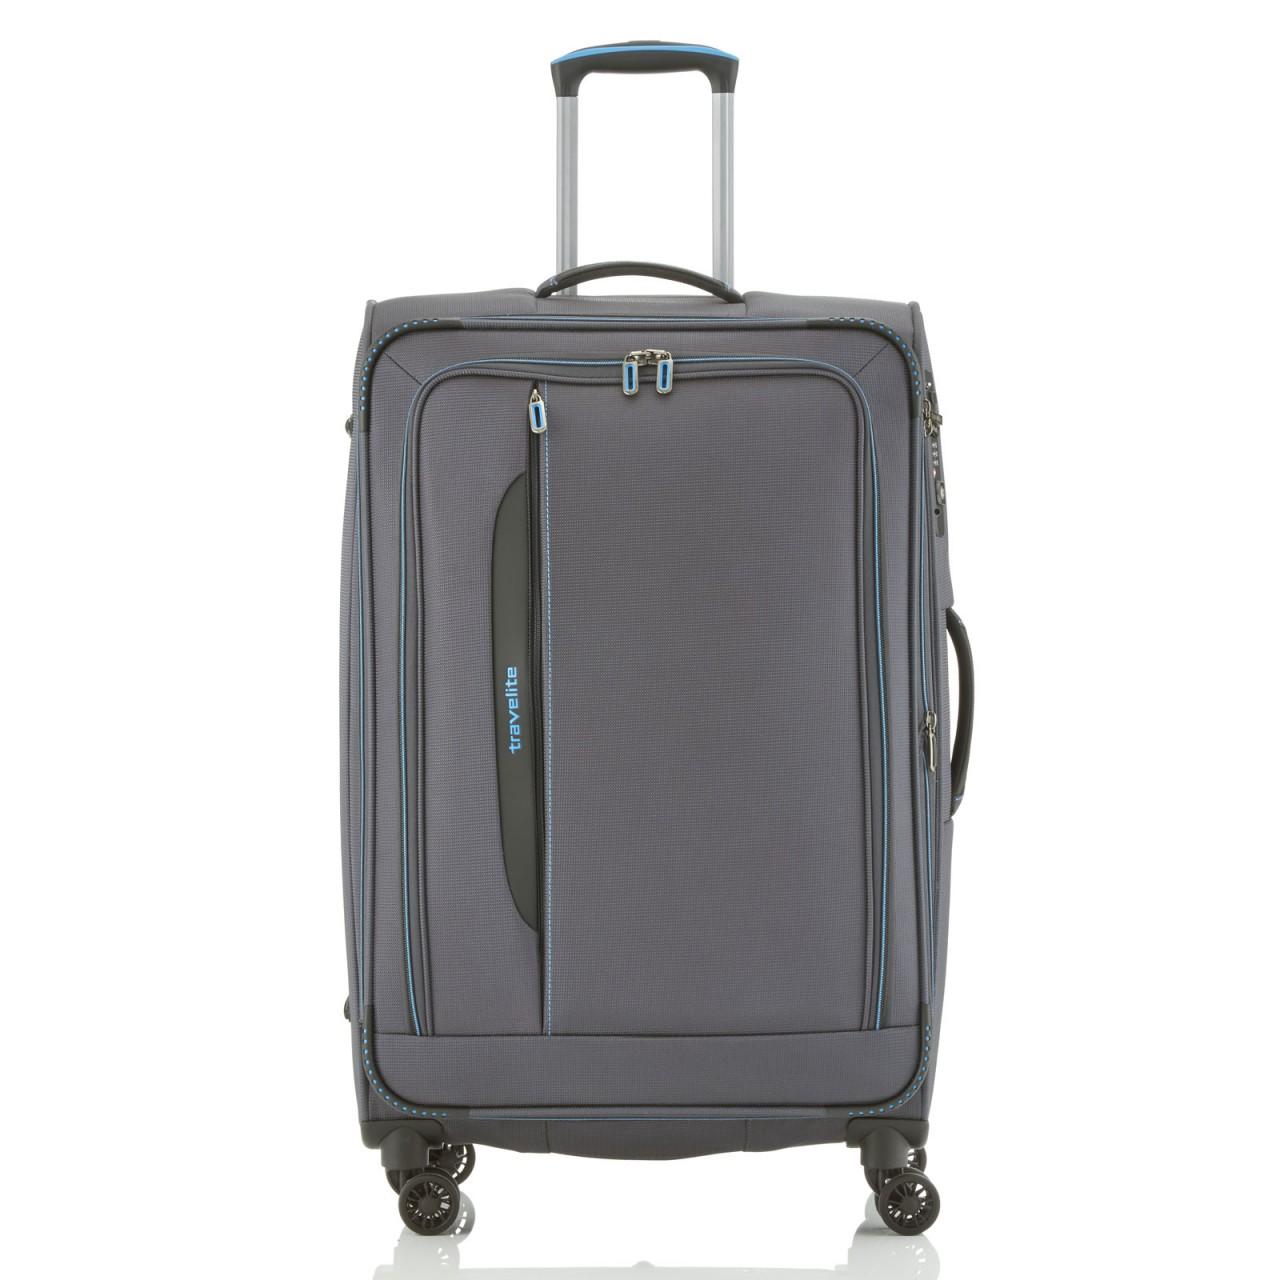 travelite crosslite trolley gro g nstig kaufen koffermarkt. Black Bedroom Furniture Sets. Home Design Ideas